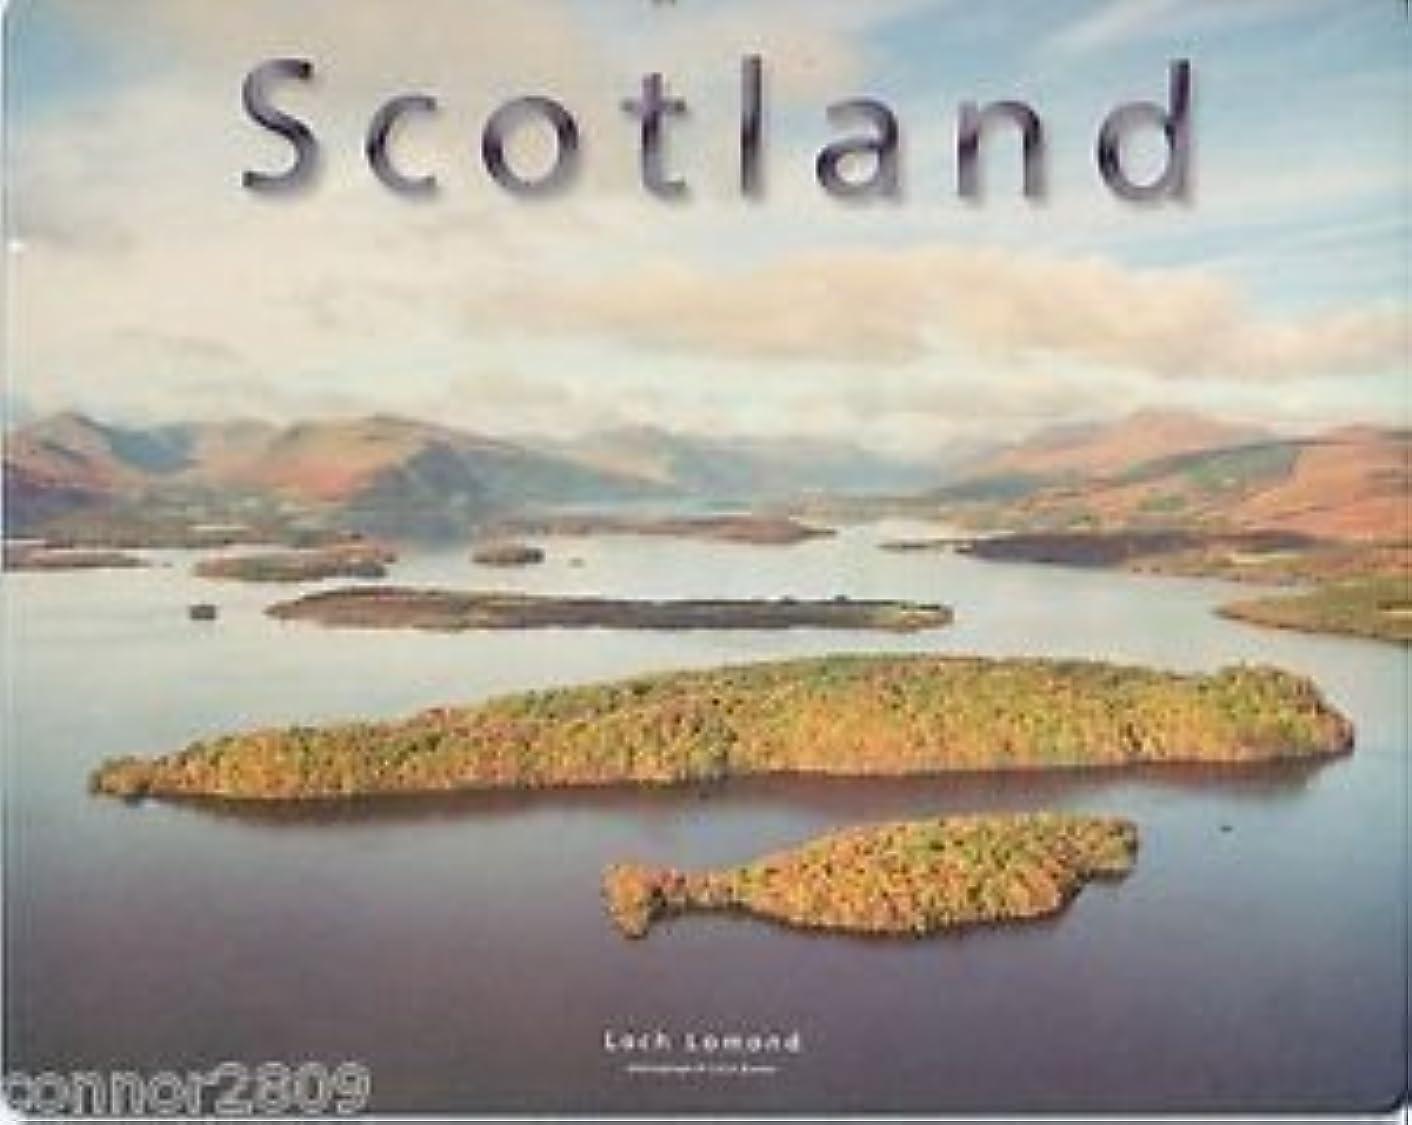 むちゃくちゃうぬぼれ敵対的Loch Lomand Scotland Mouse mat